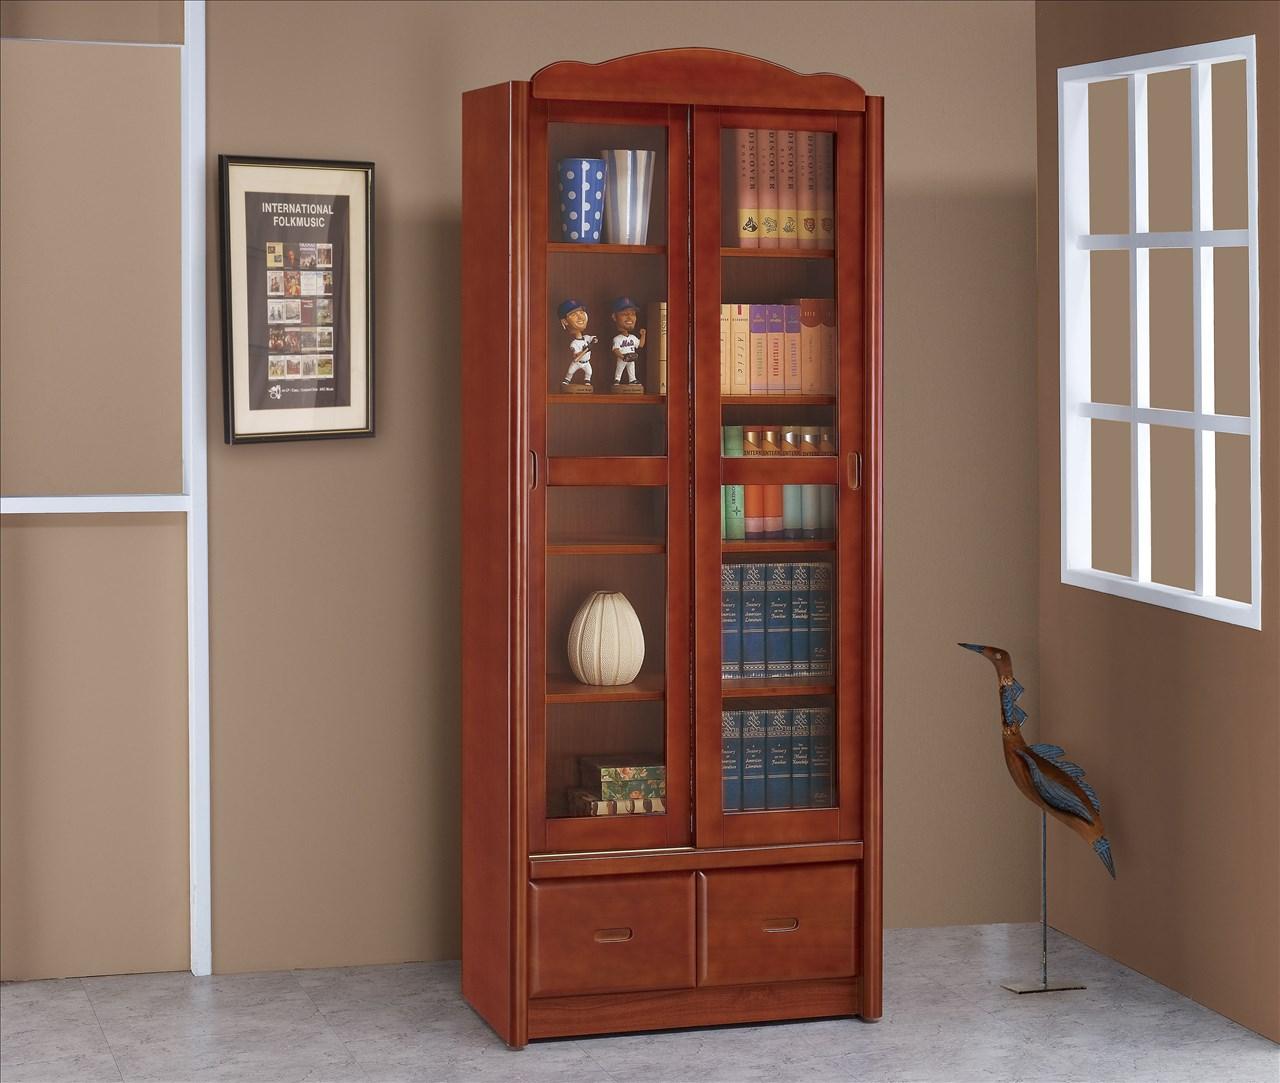 【石川家居】EF-254-5 楓原柚木色2.7尺推門書櫃 (不含其他商品) 需搭配車趟